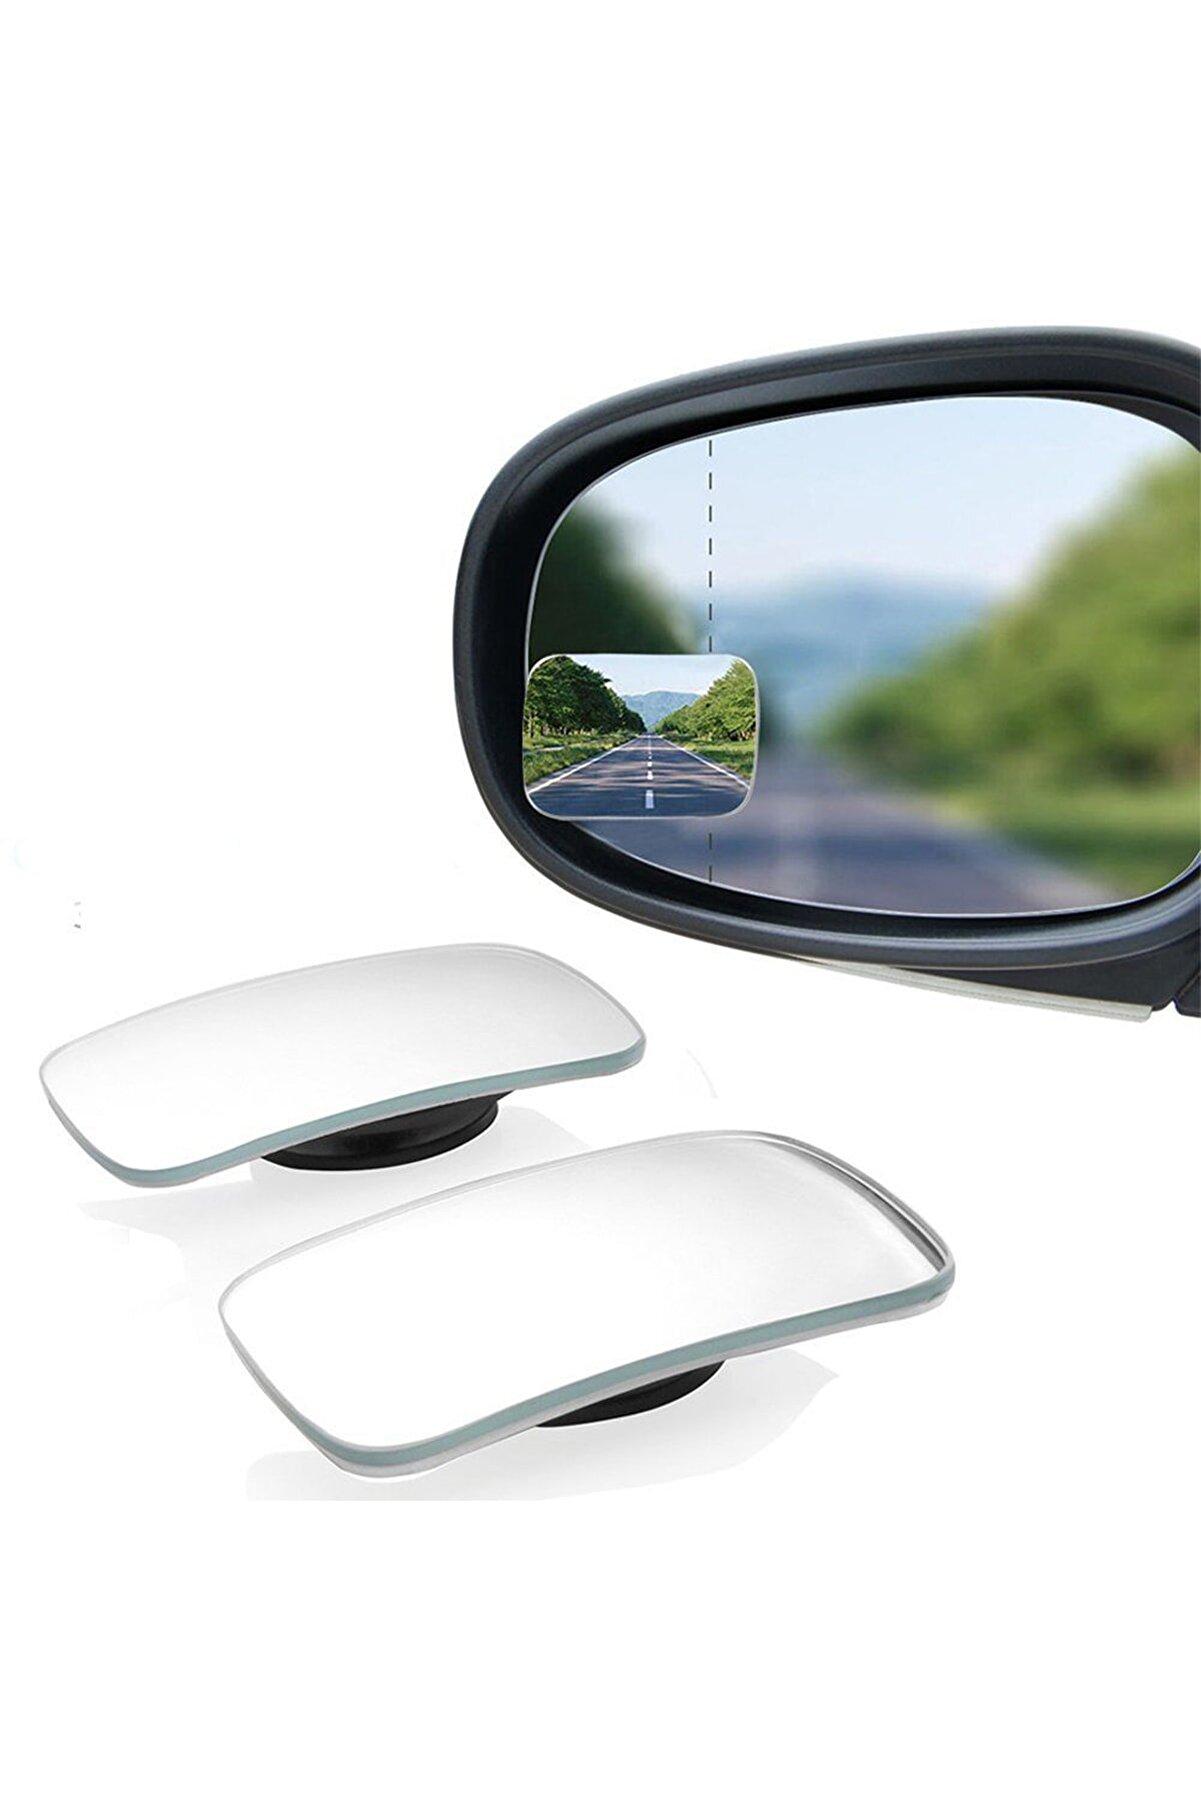 GD 24 Oto Kör Nokta Aynası Gerçek Ayna 70mm X40 Mm Oynar 2 Adet Yüksek Kalite Ve Şık Tasarım